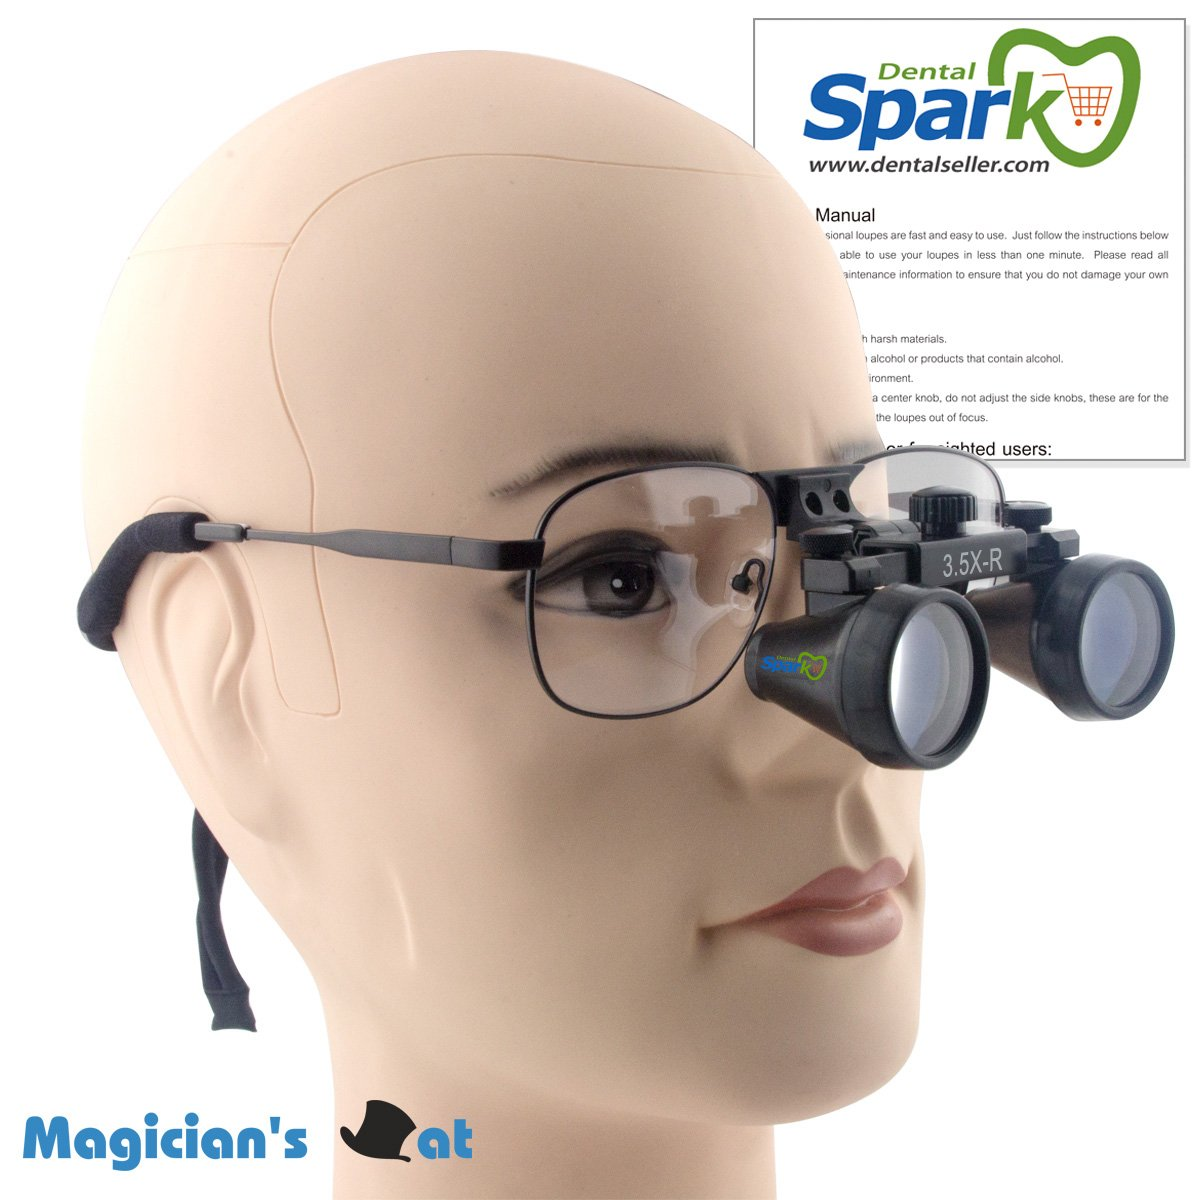 amazon com spark dentist dental magnifier glasses medical optical